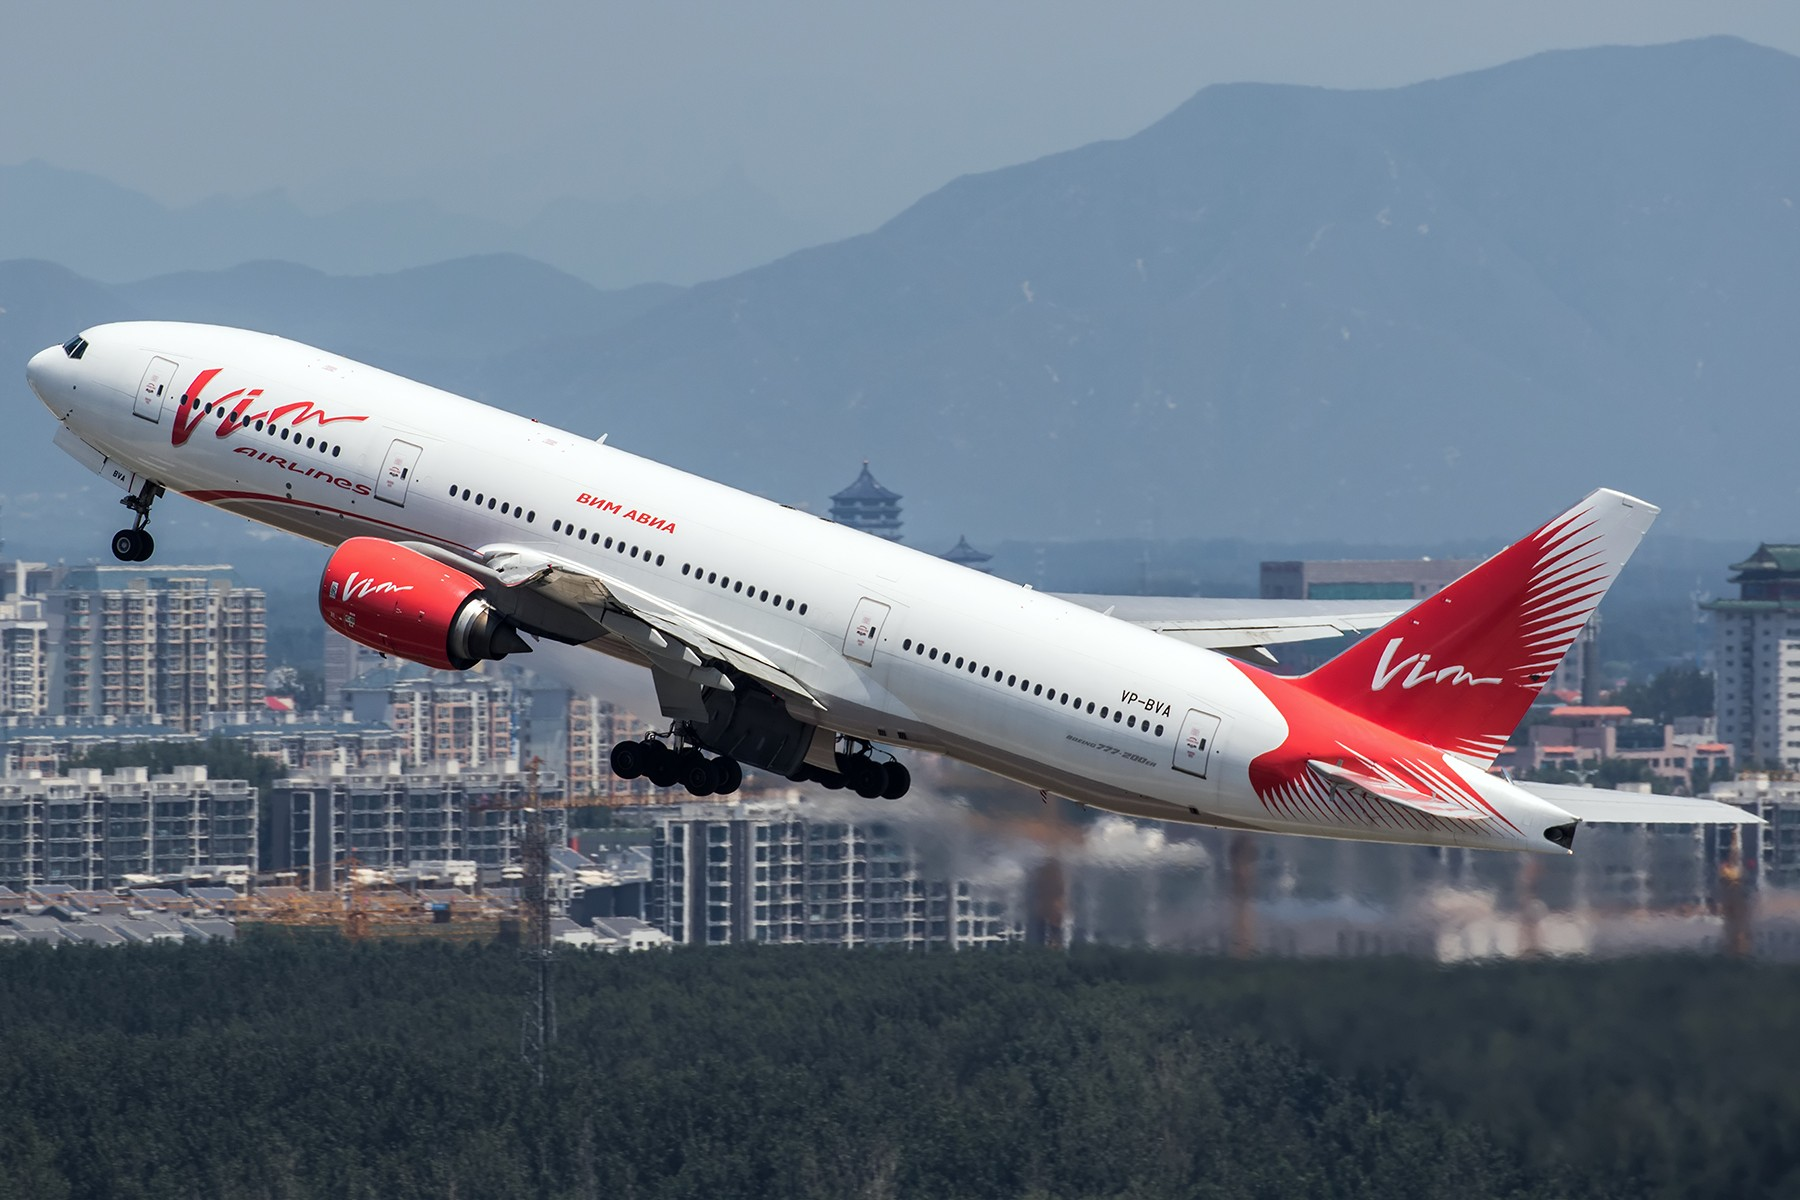 **一图党**VIM航空,旅游包机,白天逮到夜猫子~ BOEING 777-200ER VP-BVA 中国北京首都国际机场